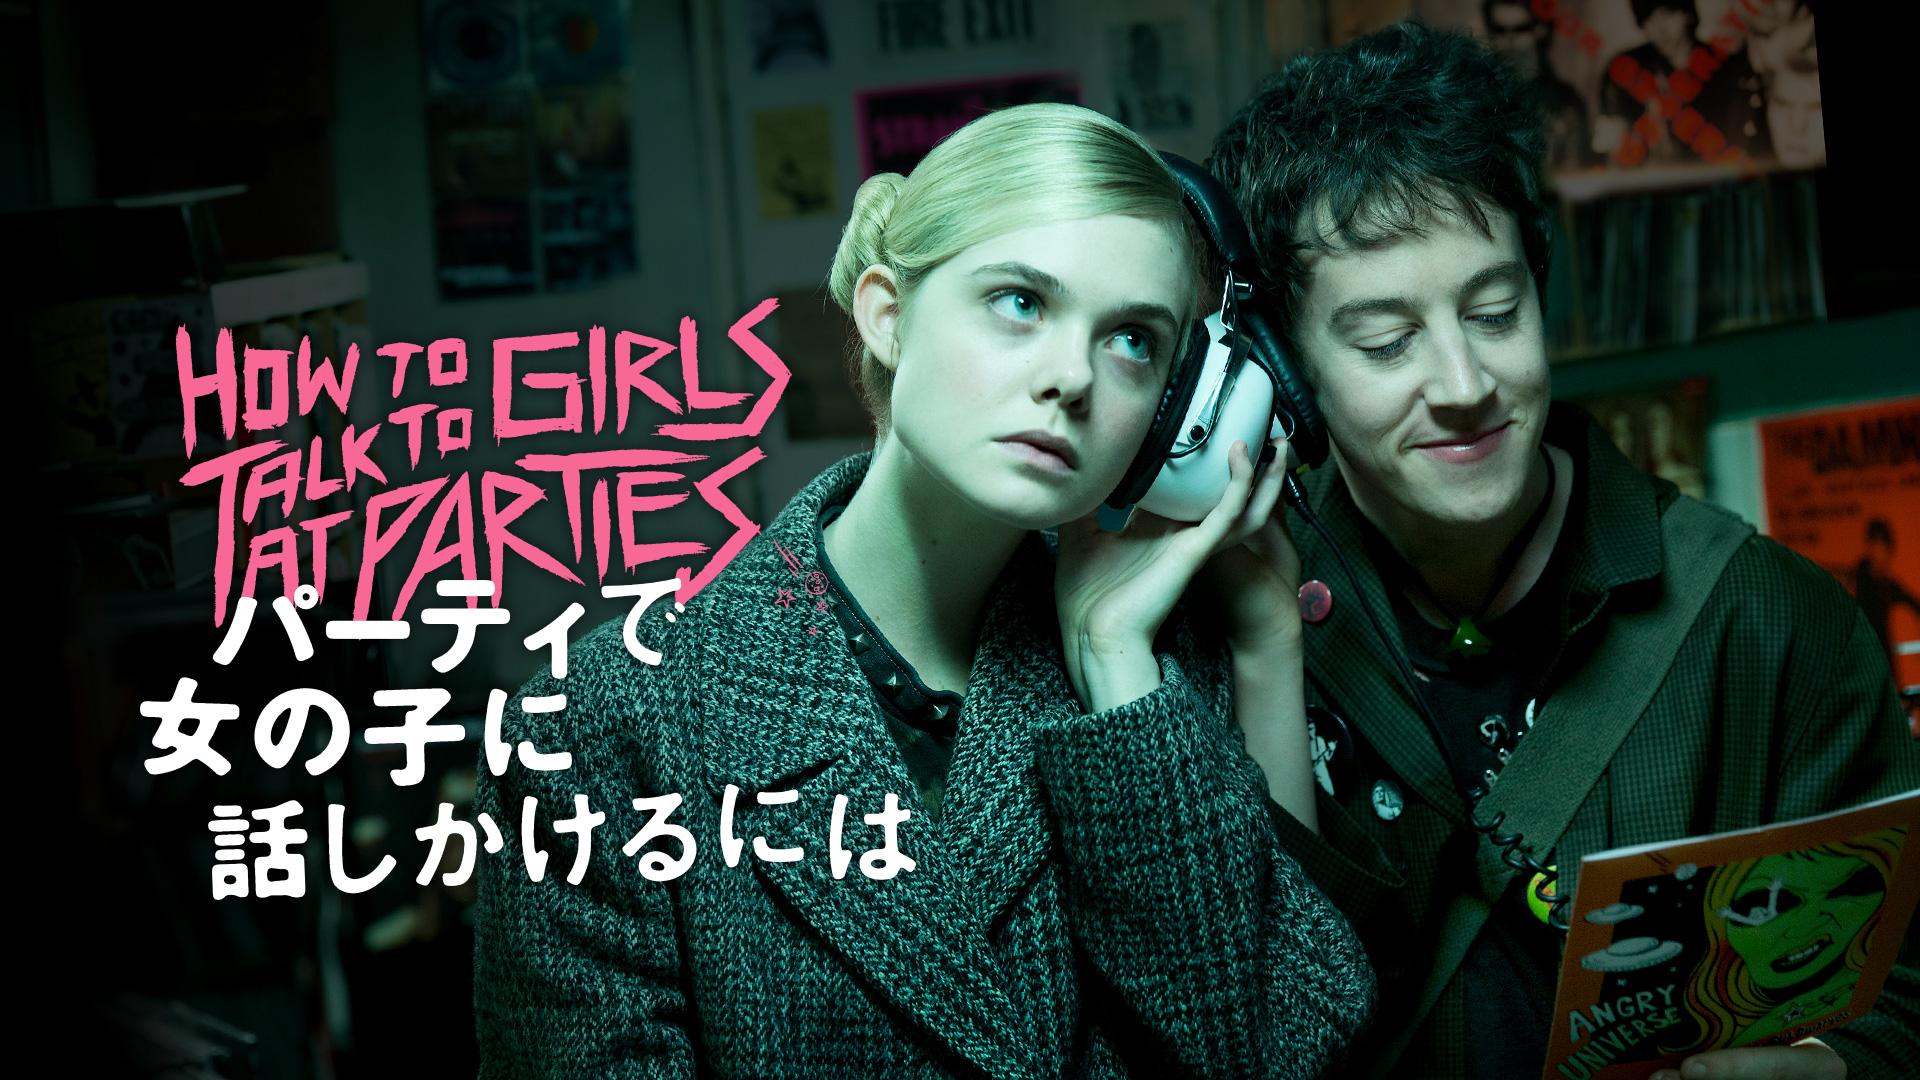 パーティで女の子に話しかけるには(字幕版)